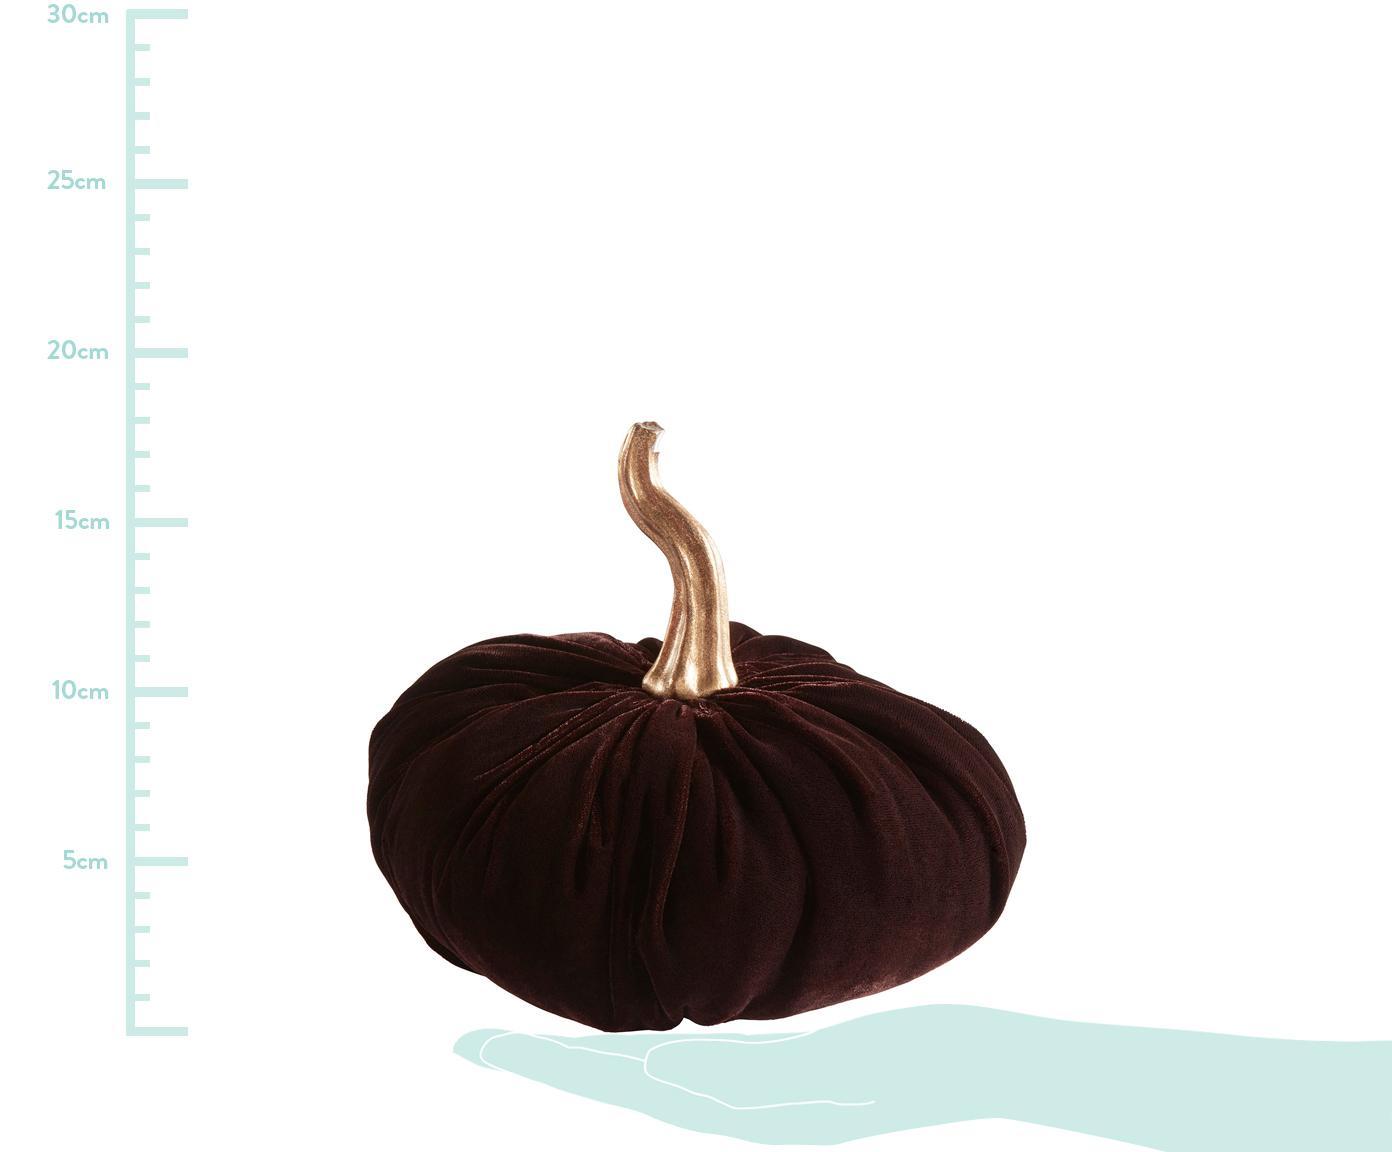 Zucca decorativa Pumpis, 15% poliresina, 35% acrilico, 25% poliestere, 25% riempimento con sabbia di quarzo, Marrone, Ø 19 x Alt. 18 cm